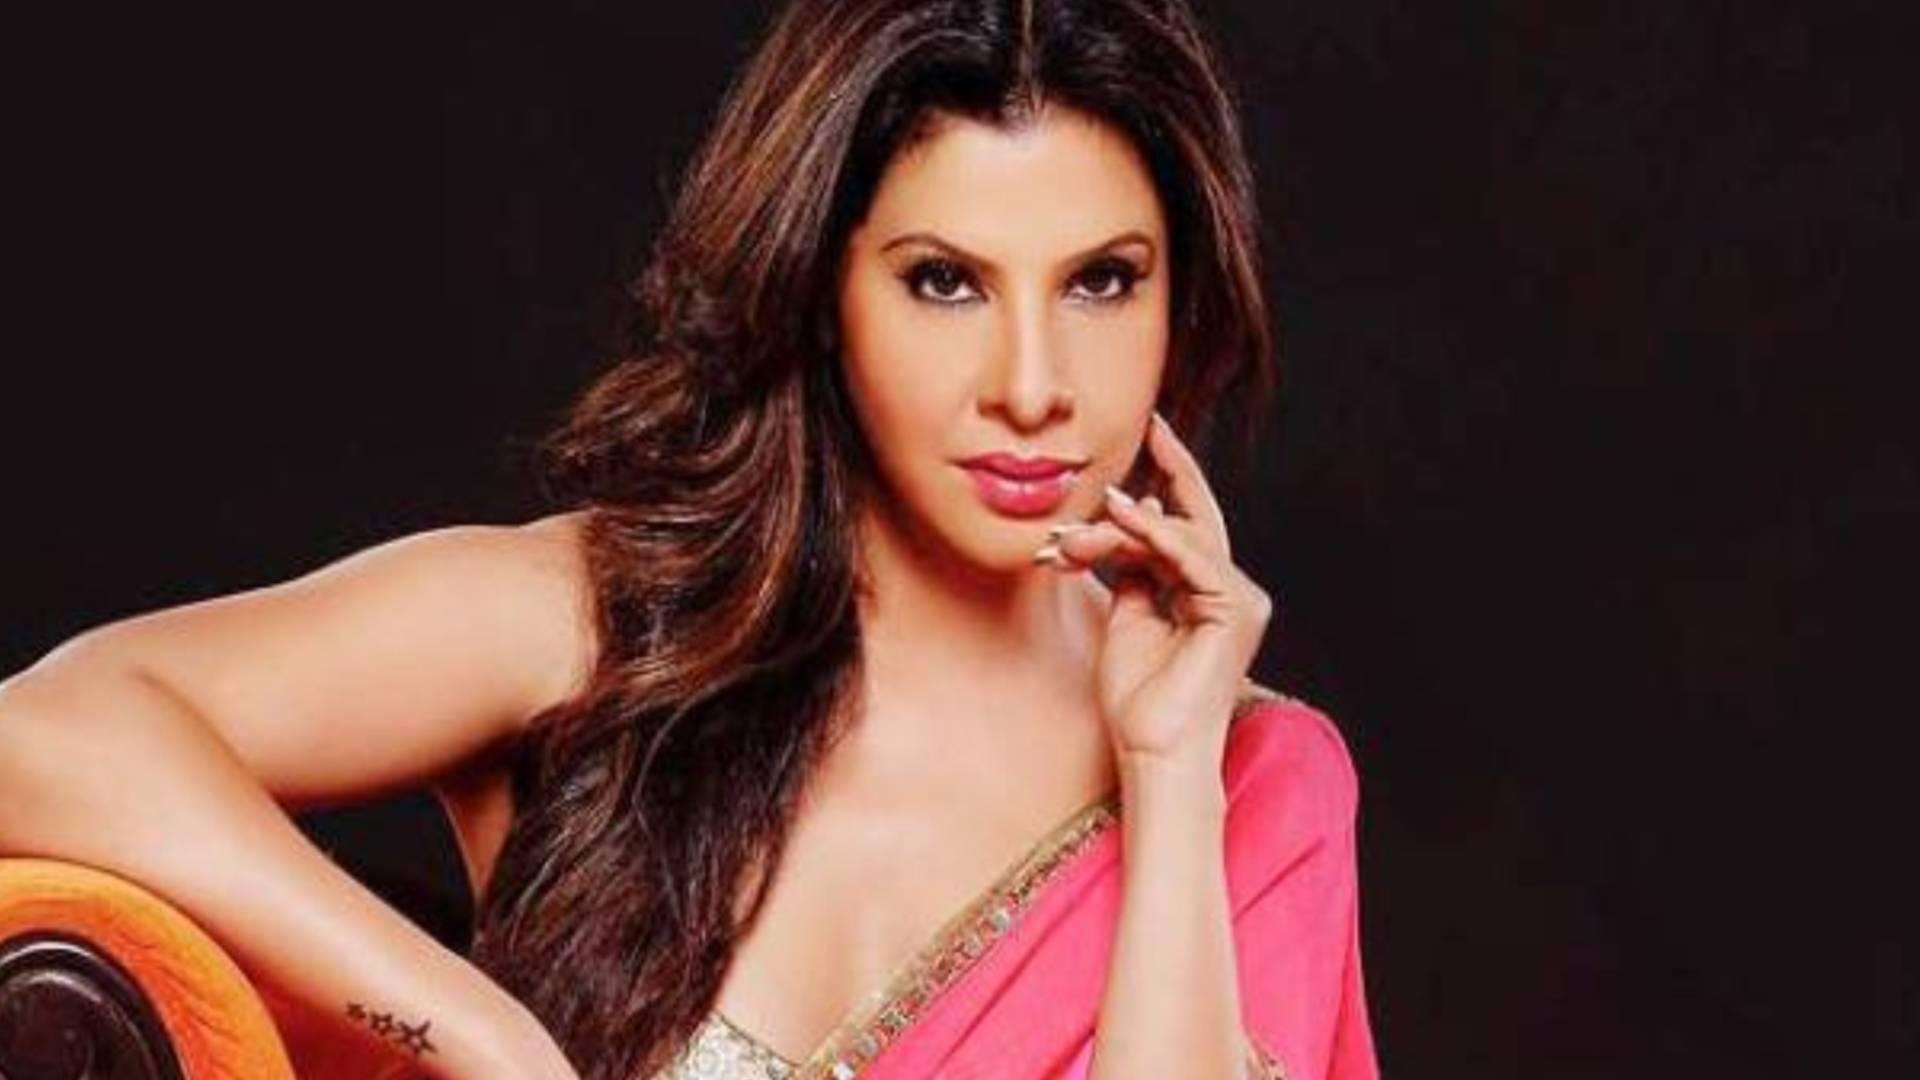 Bhojpuri Star Sambhavna Seth 5 Popular Controversies On Screen And  Otherwise - इन पांच विवादों के चलते सुर्खियों में रही थीं भोजपुरी स्टार संभावना  सेठ, बनी थीं राहुल महाजन के ...